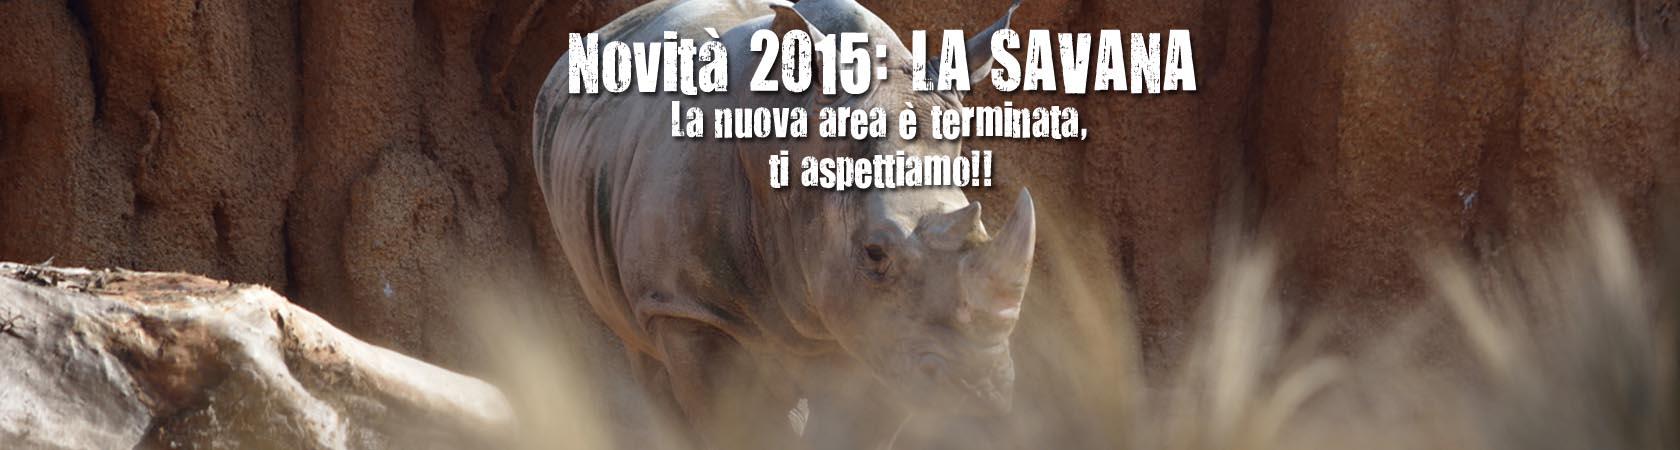 savana-novita-2015-small-ok